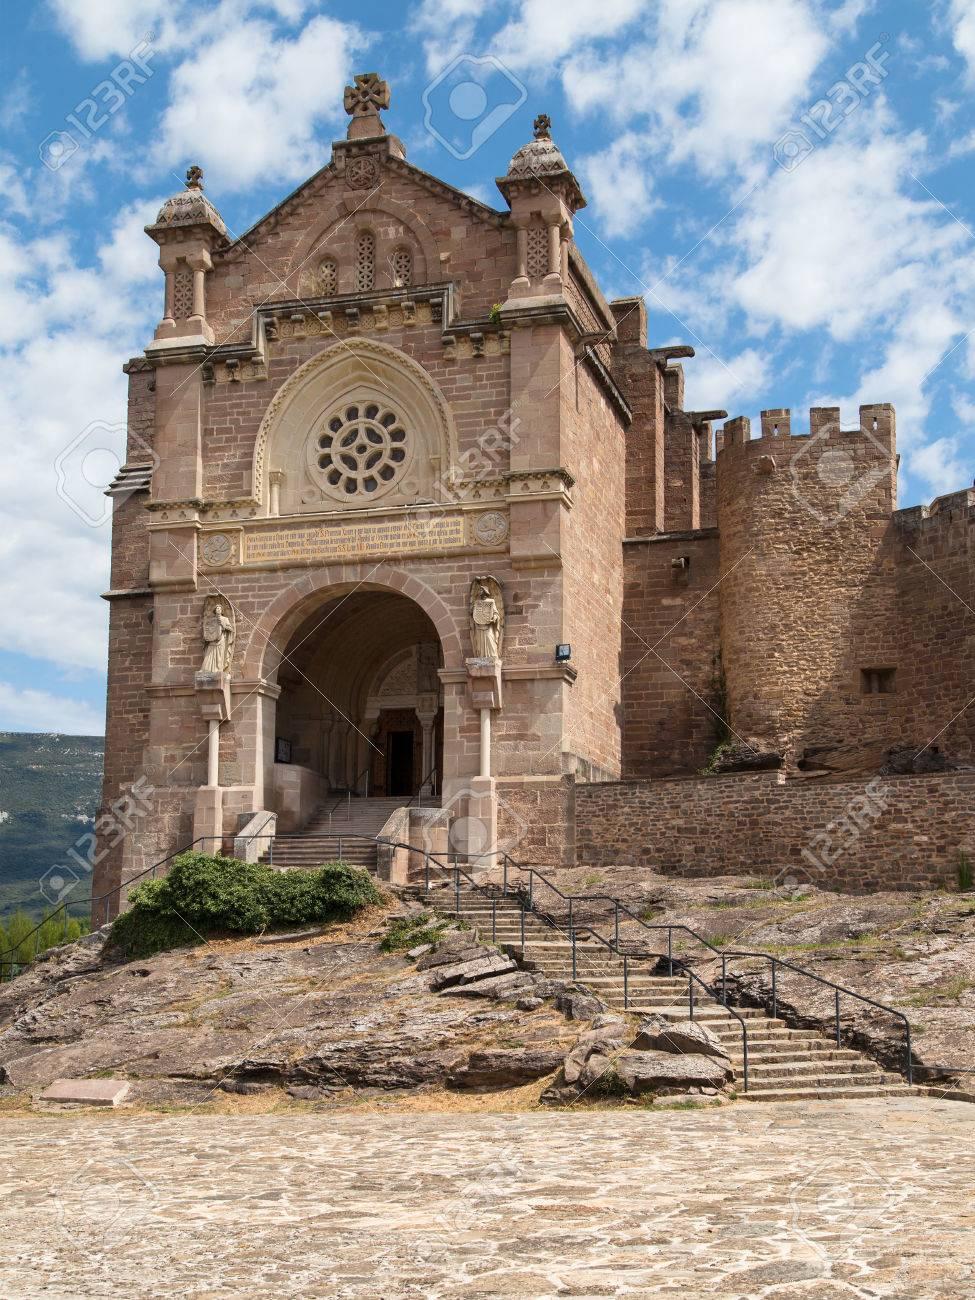 スペイン、ナバラ州のザビエル聖堂。 の写真素材・画像素材 Image ...